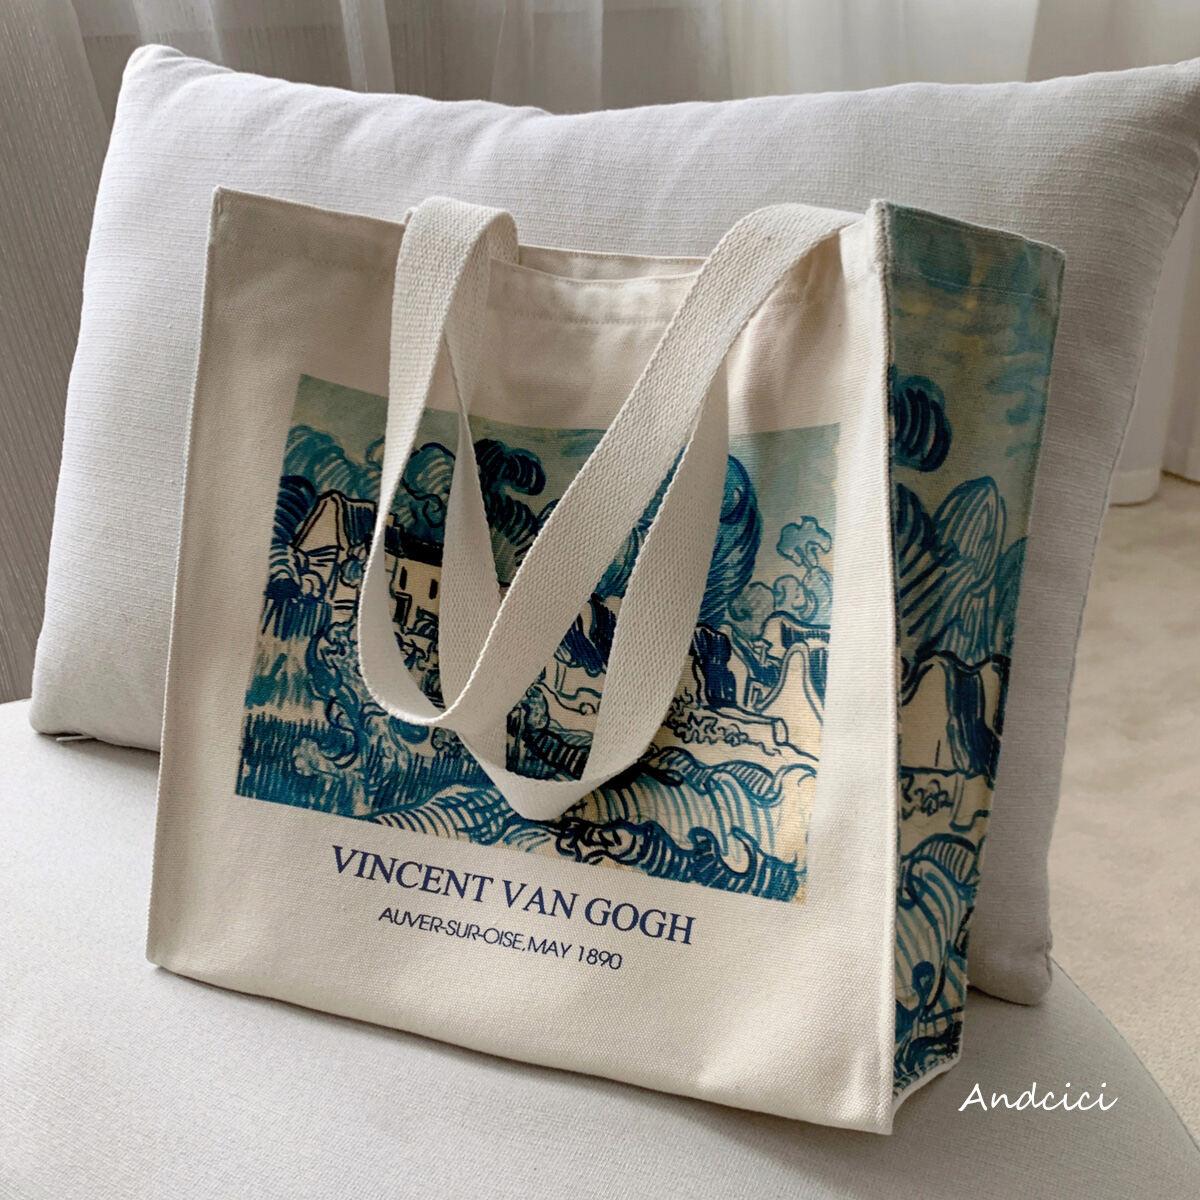 Bảo Tàng Andcici Van Gogh Đám Mây Tranh Sơn Dầu Túi Vải Bố Kiểu Một Quai Túi Tote Túi Mua Sắm Nam Nữ Học Sinh Cặp Sách thumbnail